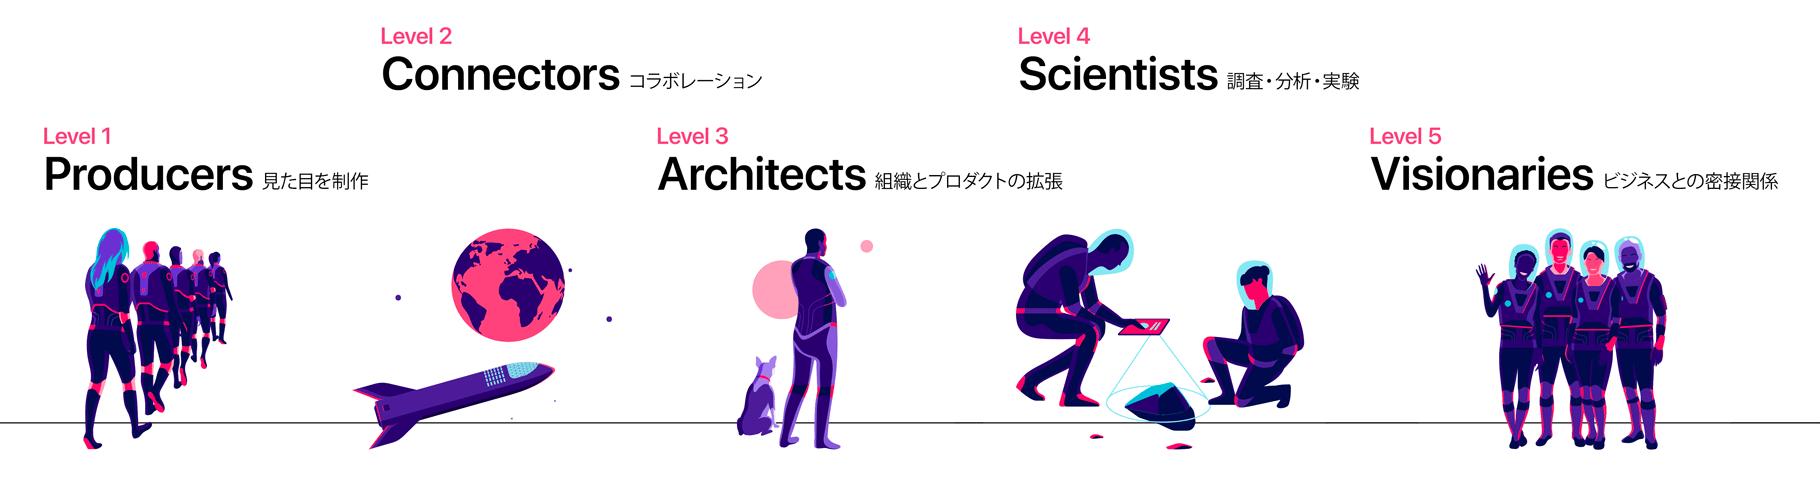 デザイン組織の成熟度をレベル分類